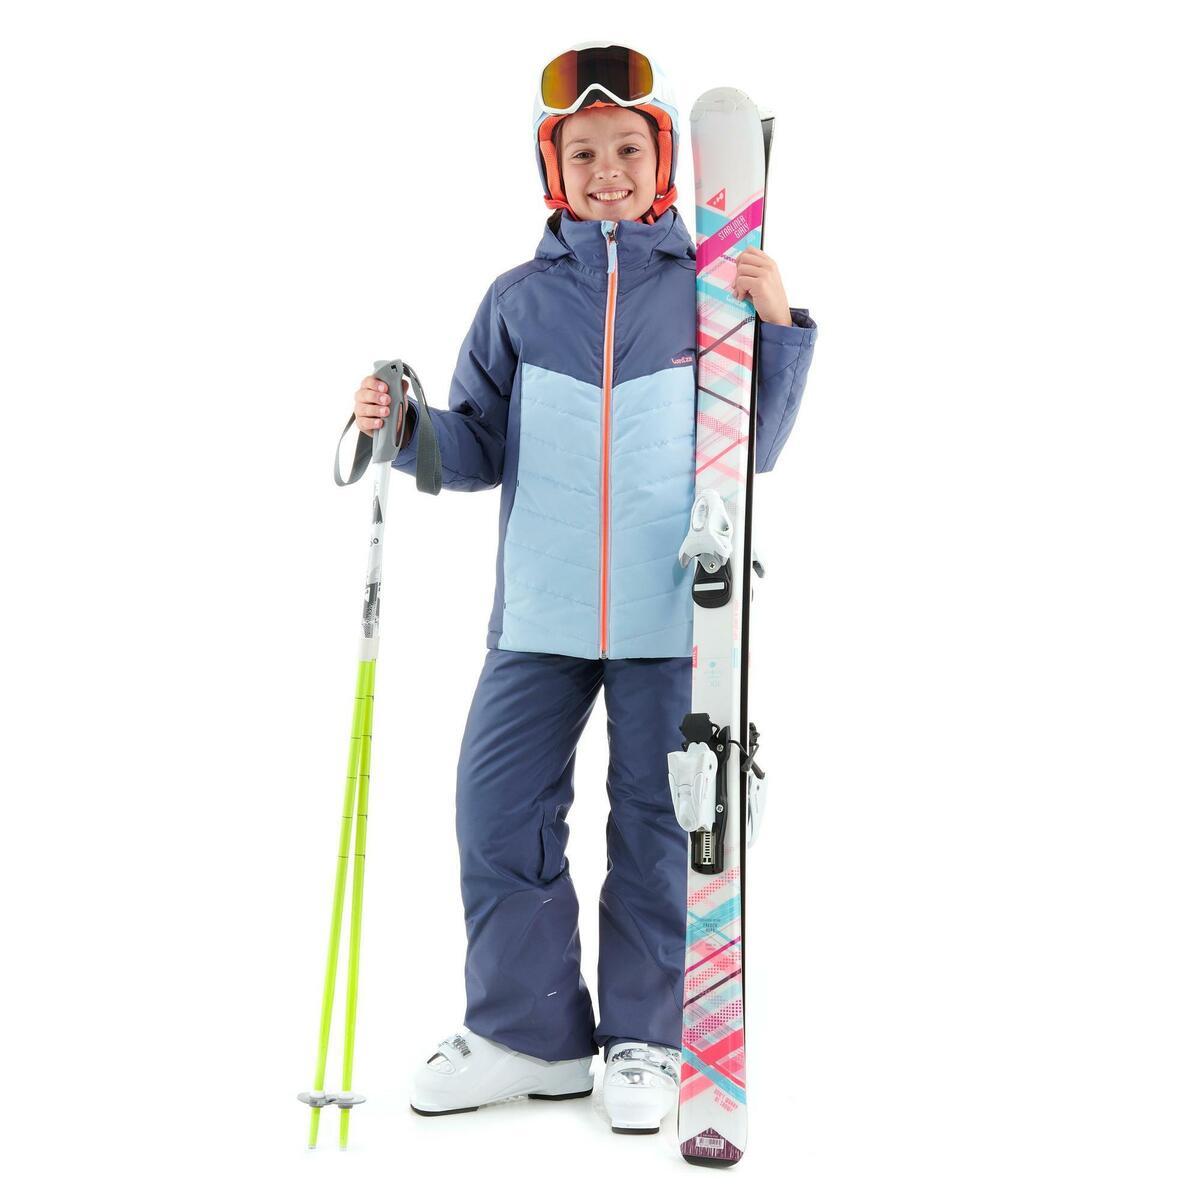 Bild 2 von Skijacke 300 Kinder blau